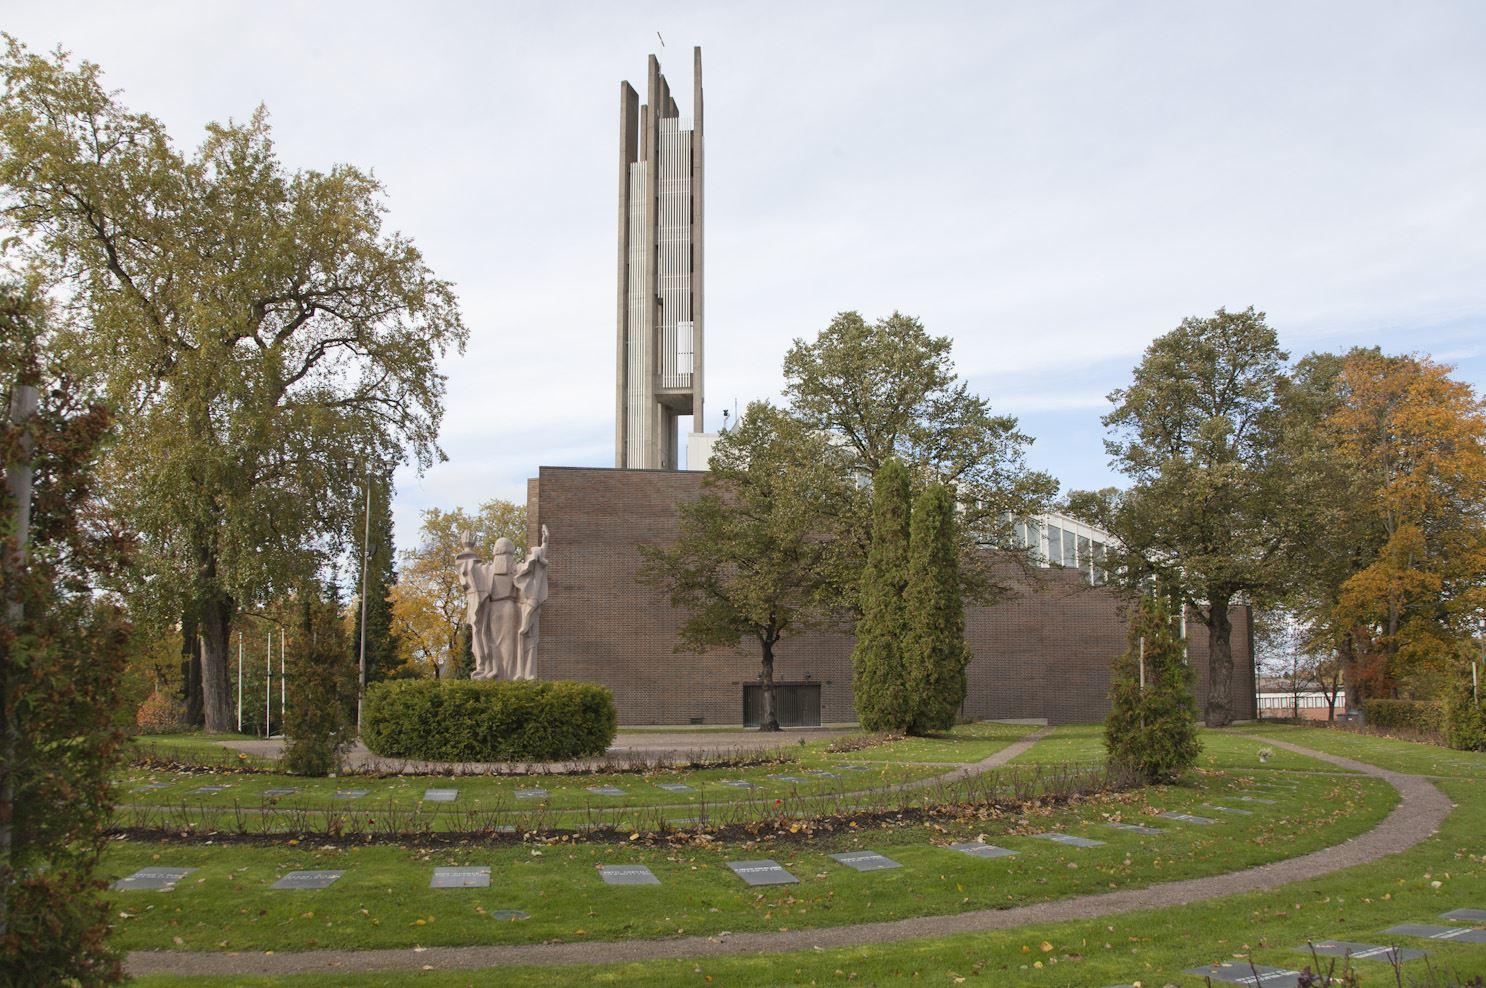 Suomalaista arkkitehtuuria Lahdessa - Alvar Aalto ja Eliel Saarinen -teemaopastus